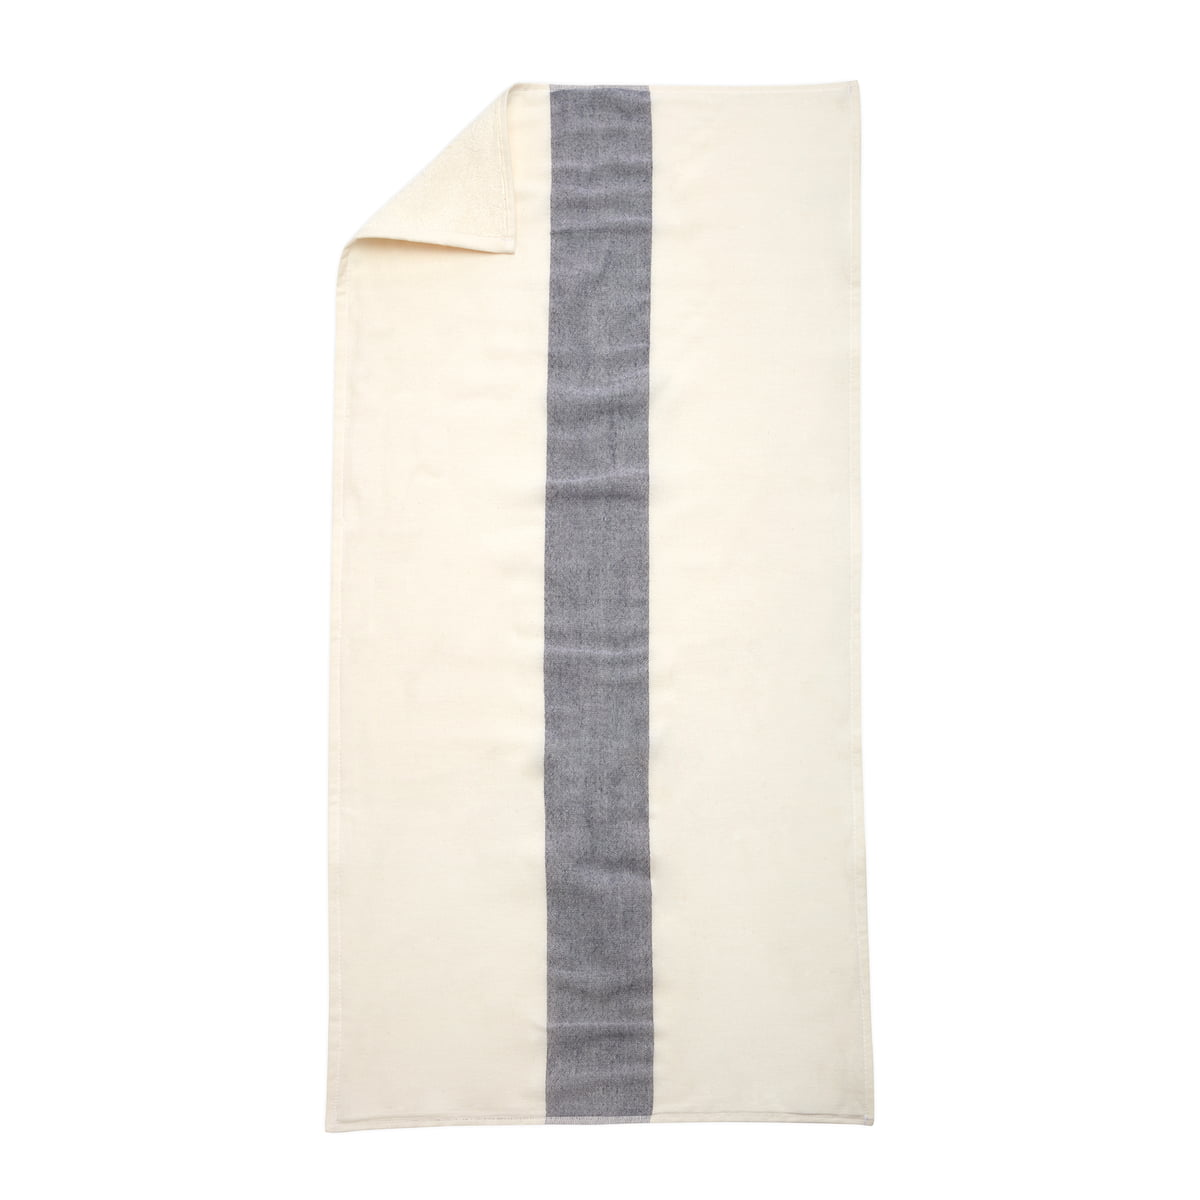 Skagerak - Stripes Towel Badetuch, 70 x 140 cm, whisper white / dark blue | Bad > Handtücher > Badetücher | Blau/weiß | Skagerak